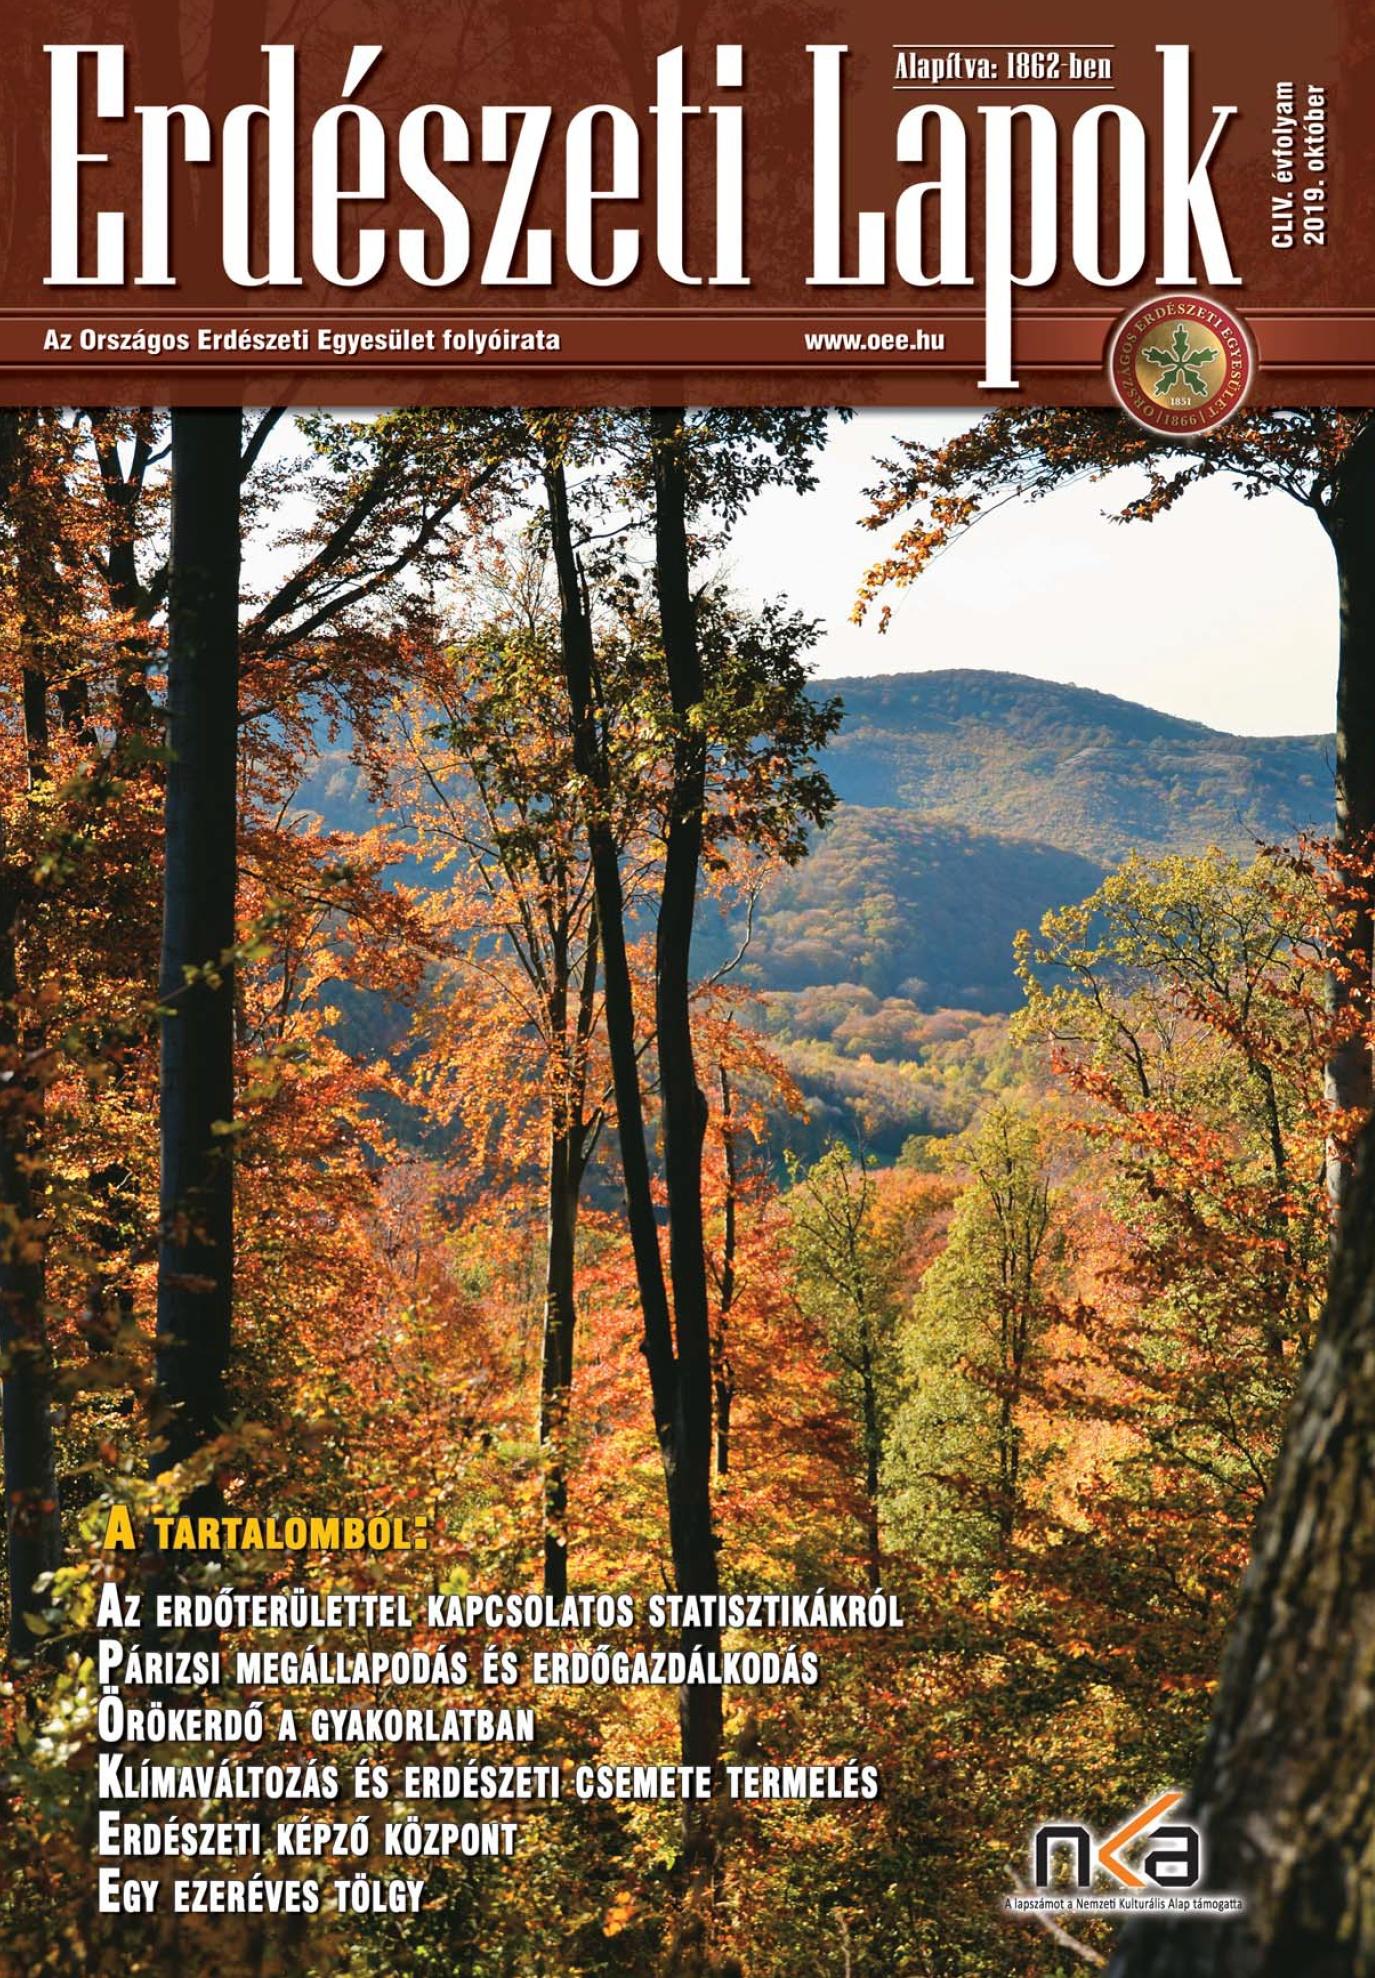 Erdészeti Lapok - 154. évfolyam - 2019. október